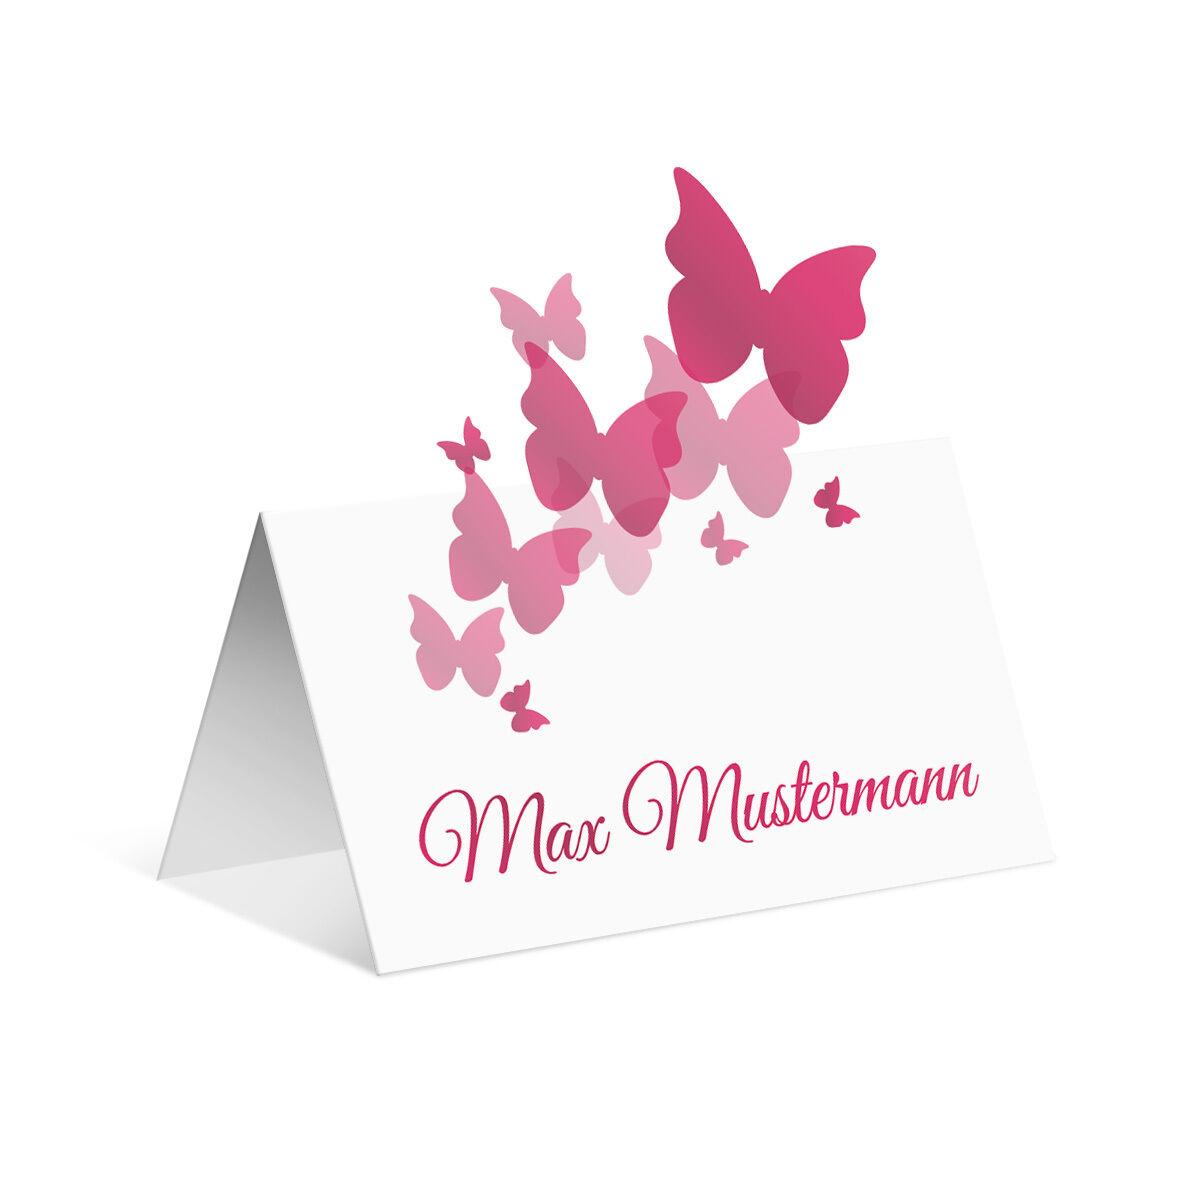 Pop up Tischkarten Hochzeit - Schmetterlinge in Rosa - Platzkarten Namenskarten  | Großer Verkauf  | Hohe Qualität Und Geringen Overhead